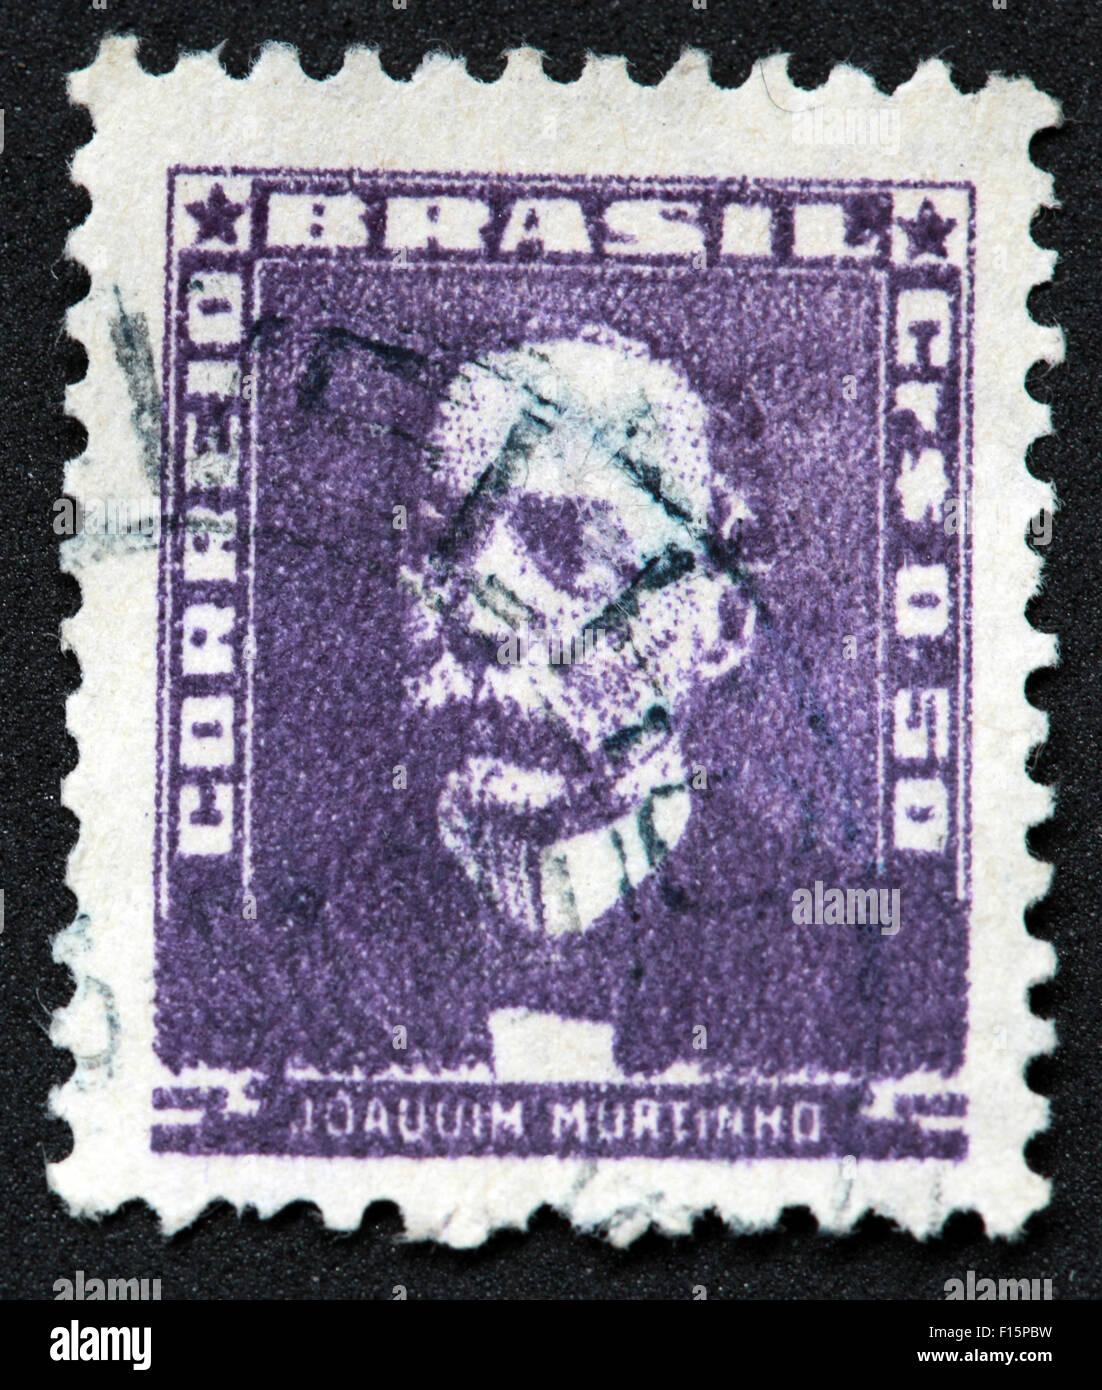 Brésil Joauuim Murtinno 50 Correio purple stamp Banque D'Images